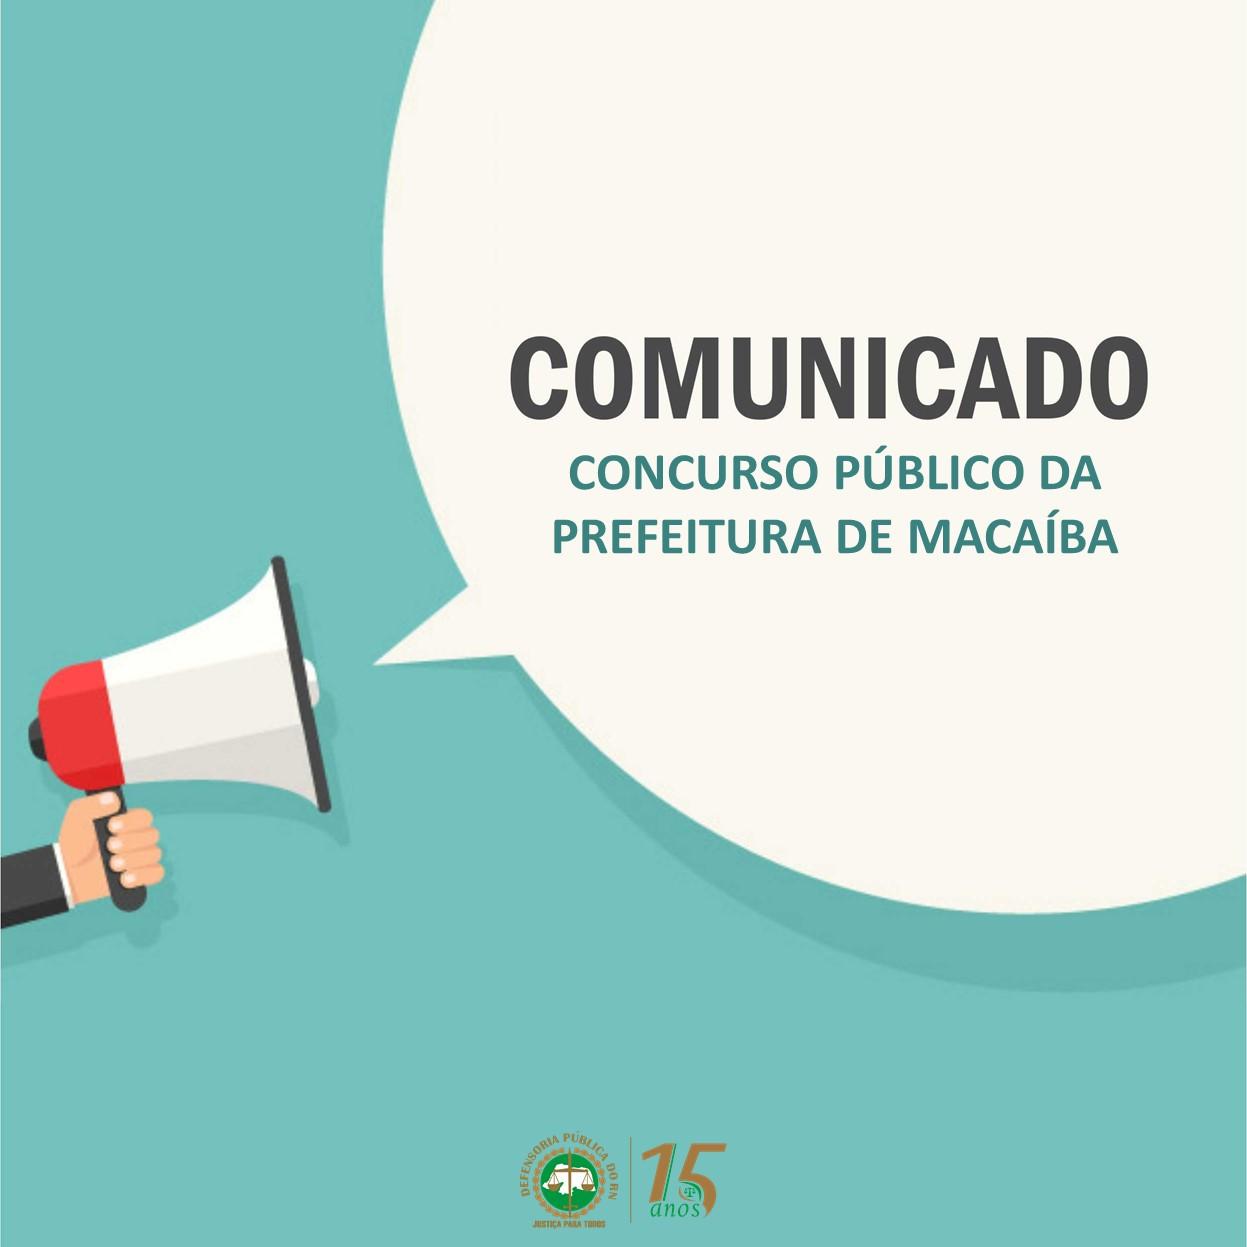 Defensoria Pública emite comunicado e convoca audiência sobre concurso de Macaíba